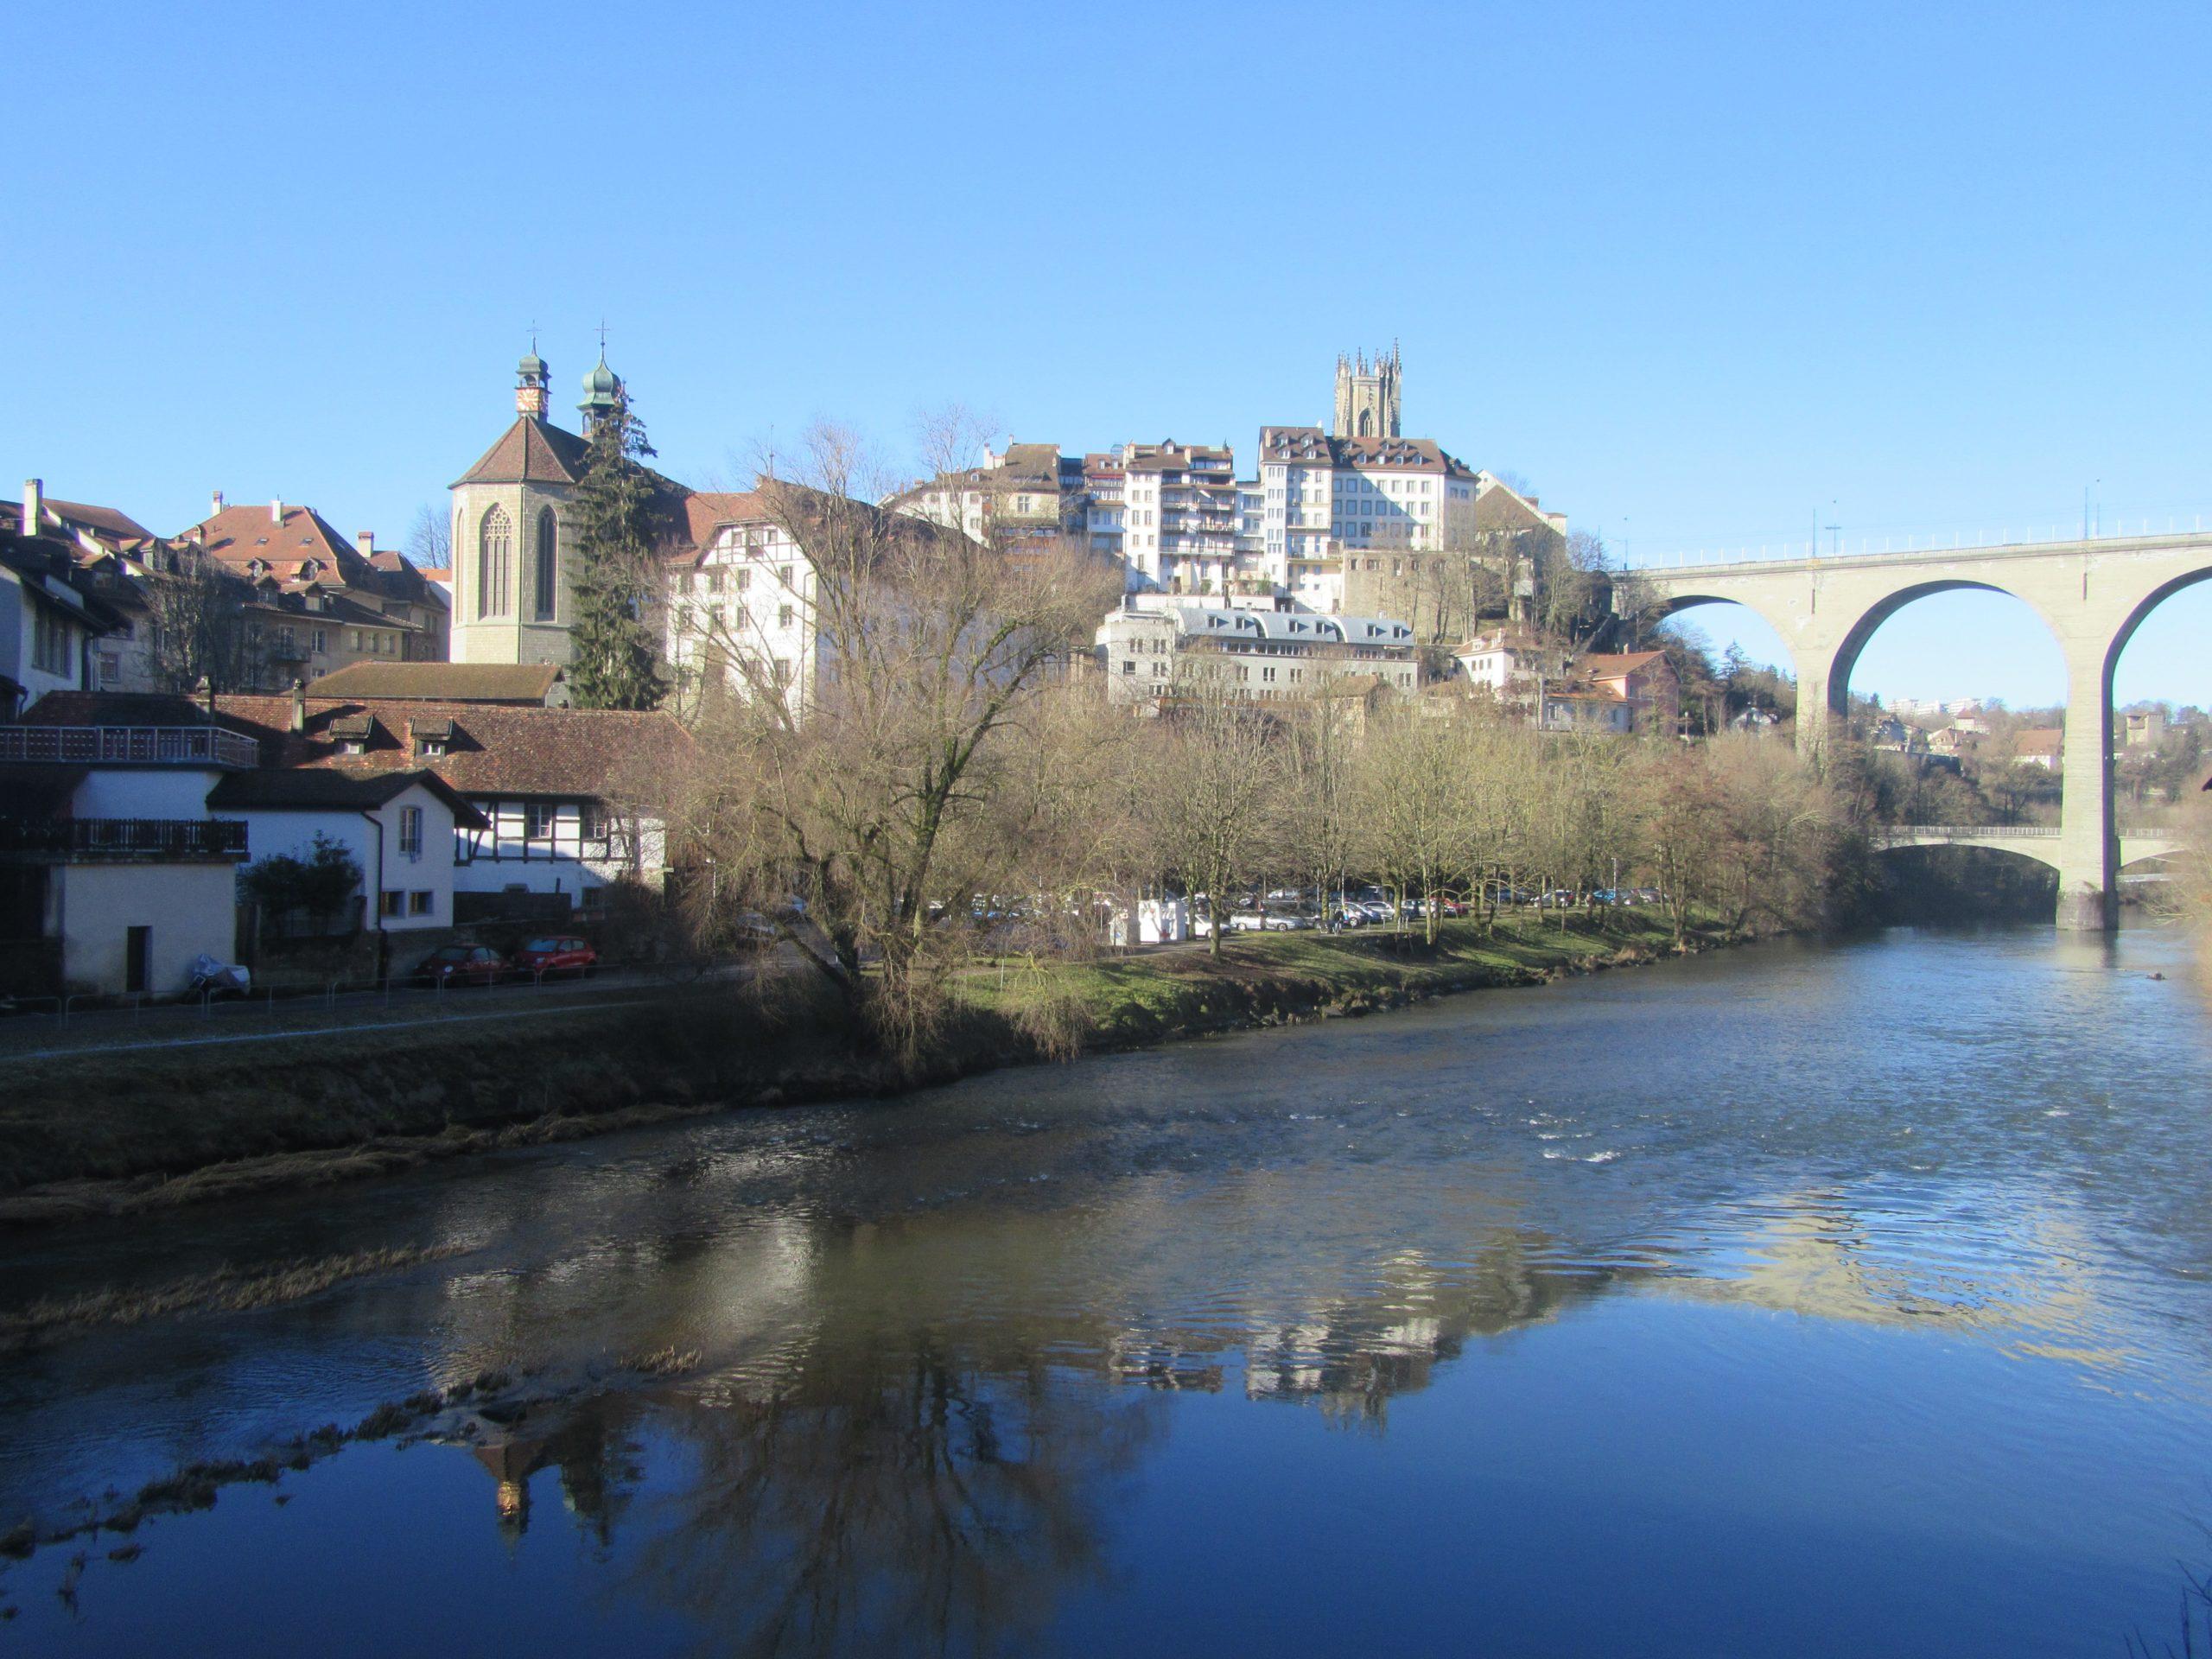 La ville de Fribourg et la rivière Sarine